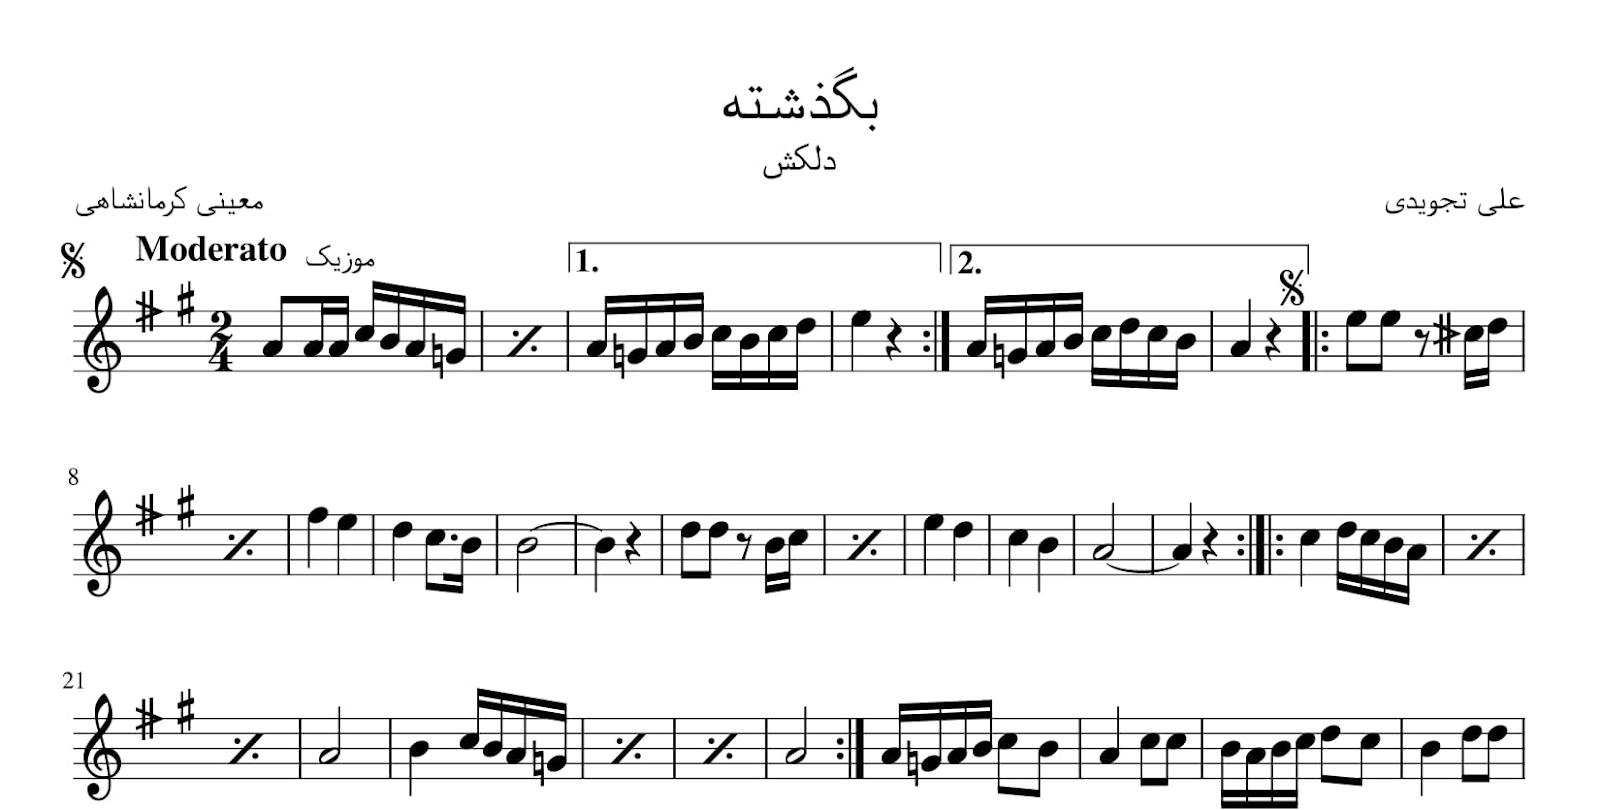 نت بگذشته علی تجویدی رحیم معینی کرمانشاهی دلکش آوانگاری احمد جباریان